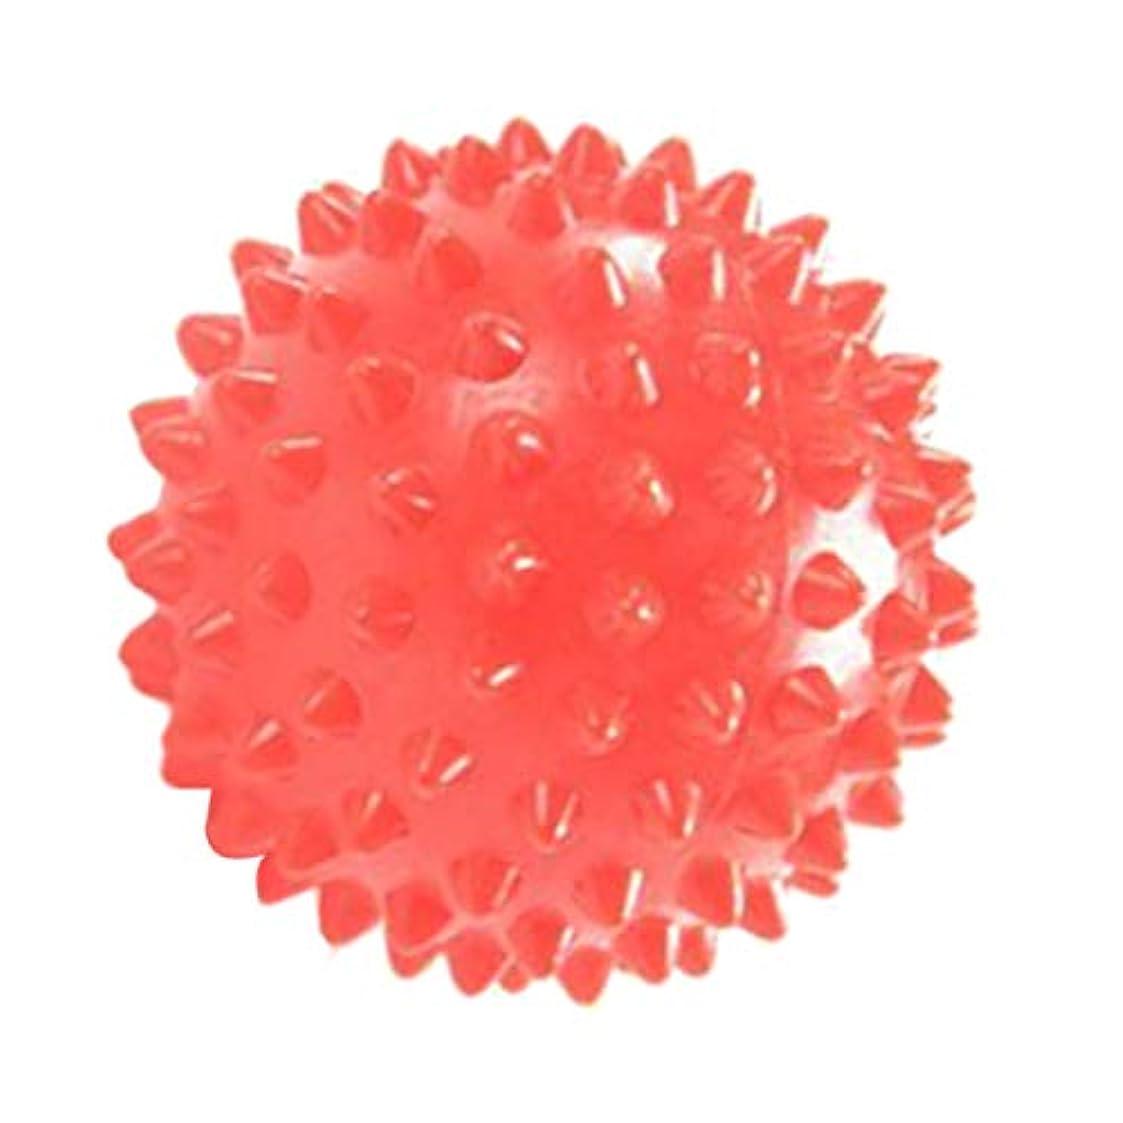 マトリックス連合クレーターchiwanji 指圧ボール 触覚ボール マッサージローラー ローラーボール 軽量 持ち運び便利 補助ツール